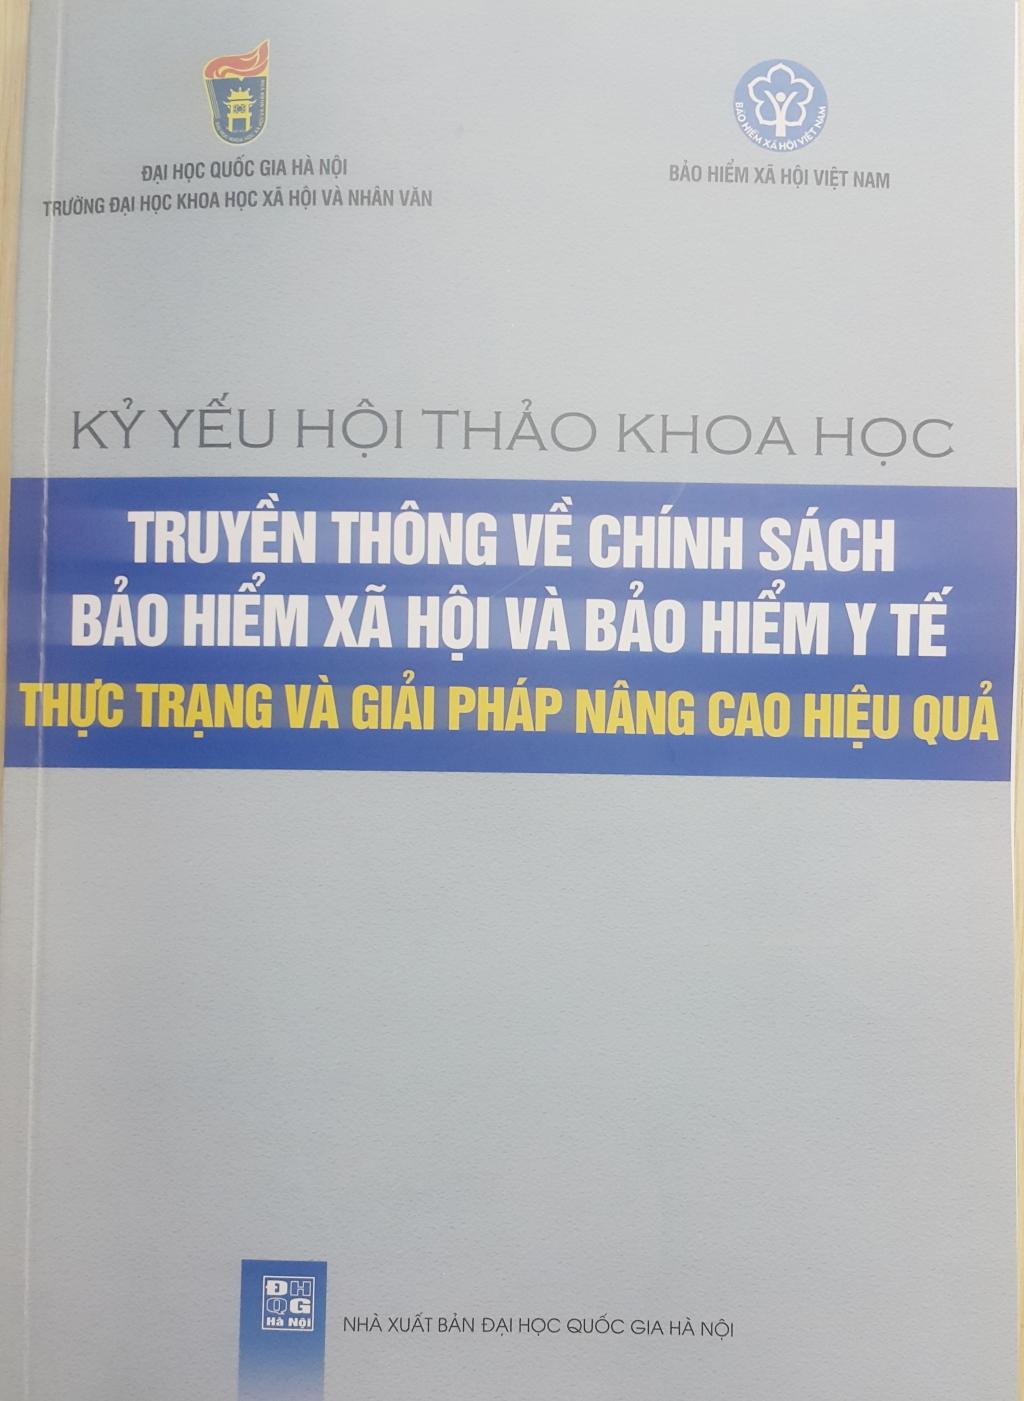 truyen thong thuc day muc tieu 90 dan so tham gia bhyt trong ky nguyen 40